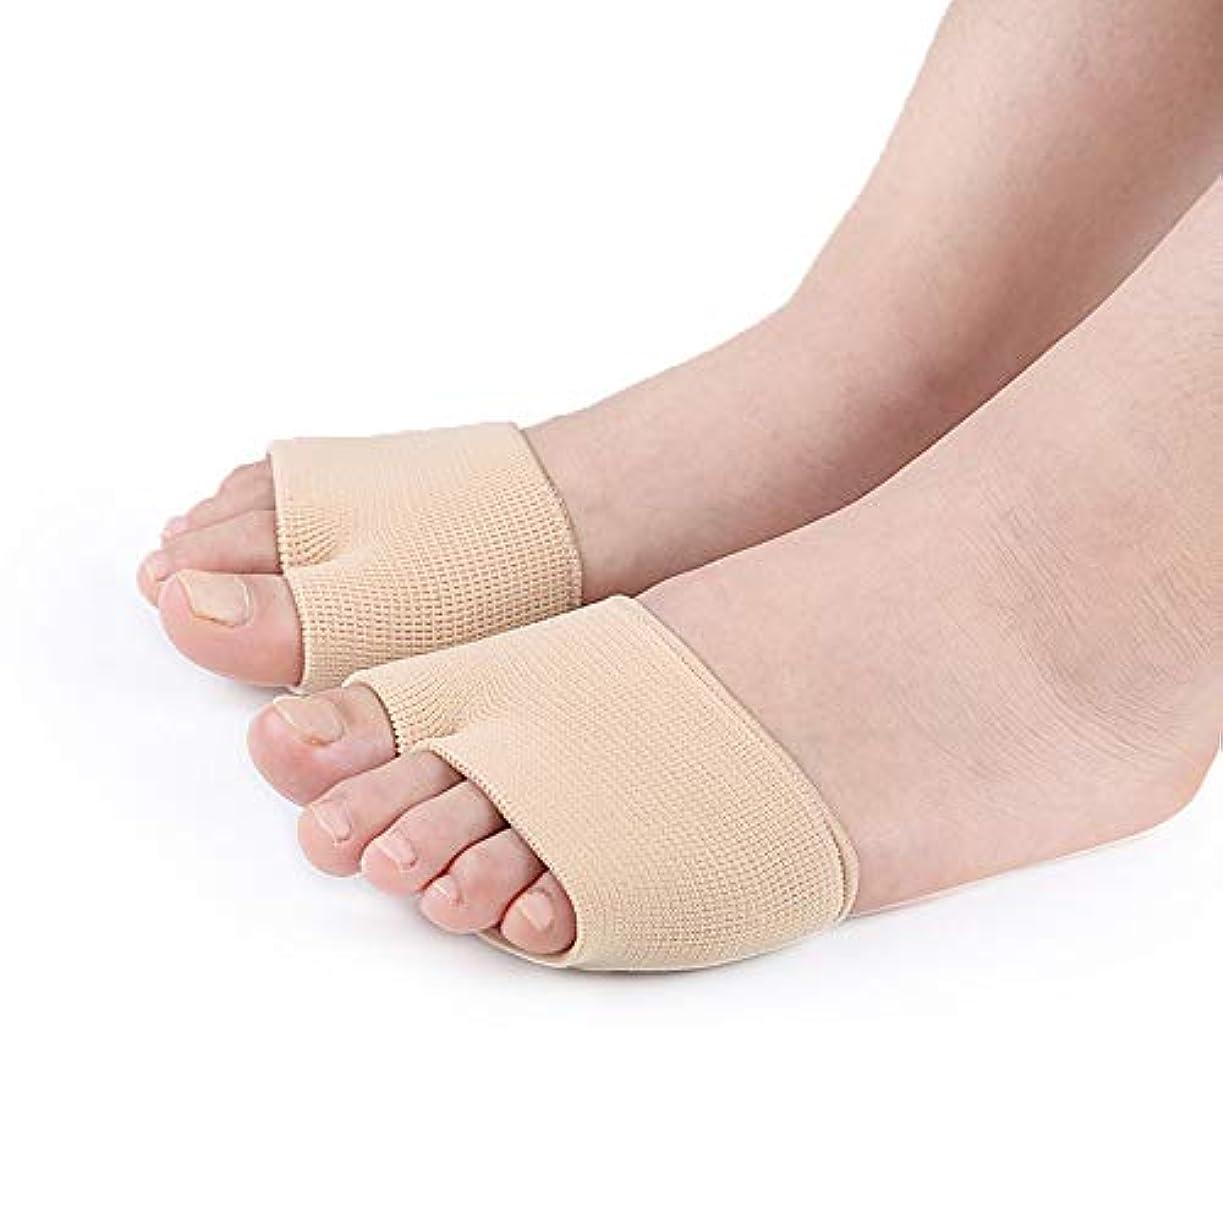 自治的手錠考案するつま先矯正靴下ケアつま先防止重複伸縮性高減衰ダンピング吸収汗通気性ナイロン布SEBS,5pairs,S